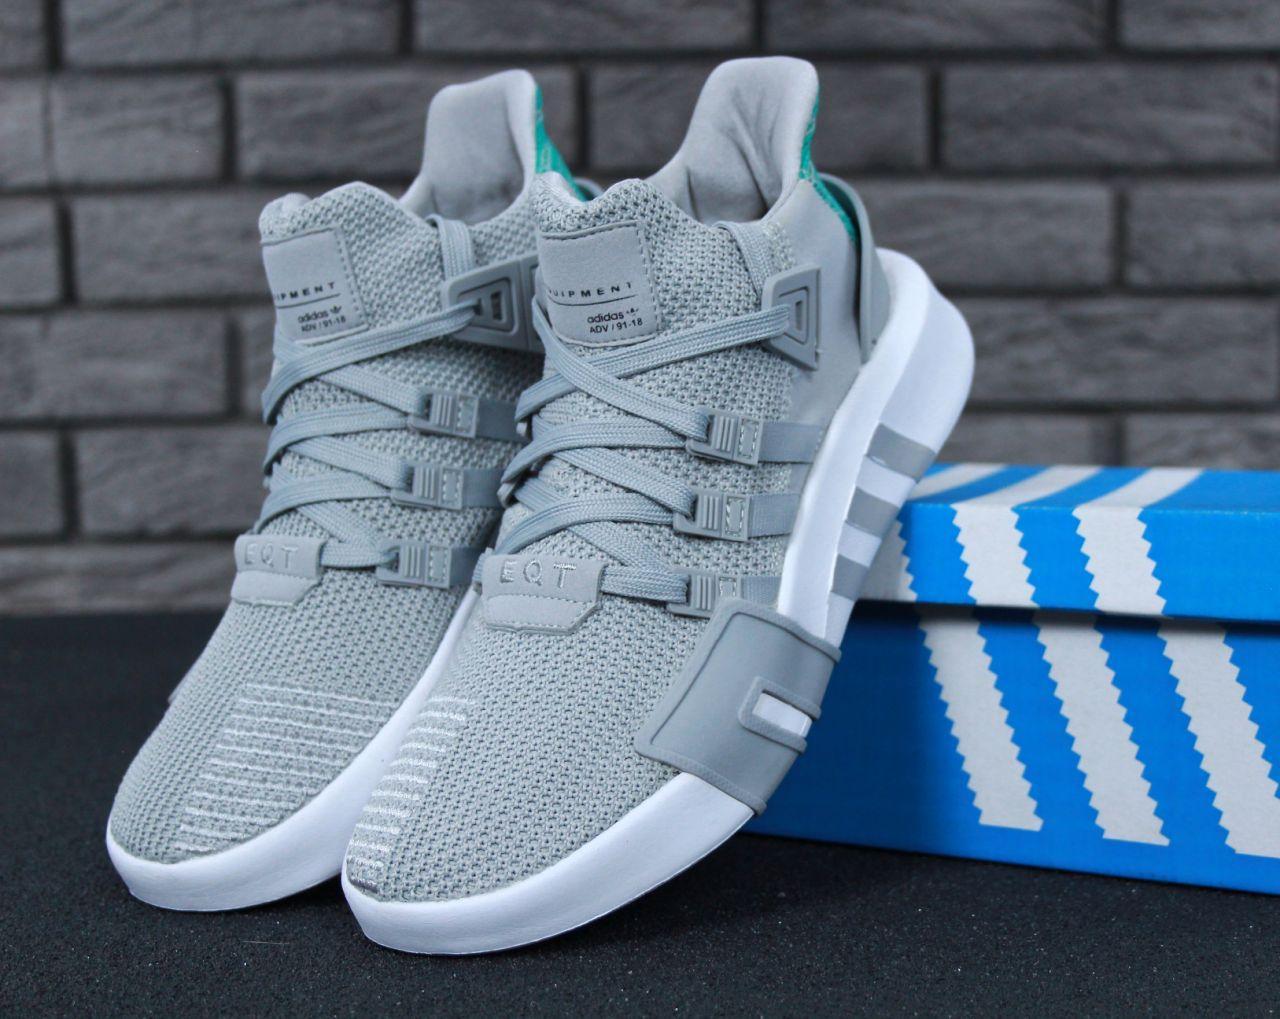 Мужские кроссовки Adidas EQT ADV High Grey (Адидас ЕКТ серого цвета) весна/лето 41-45